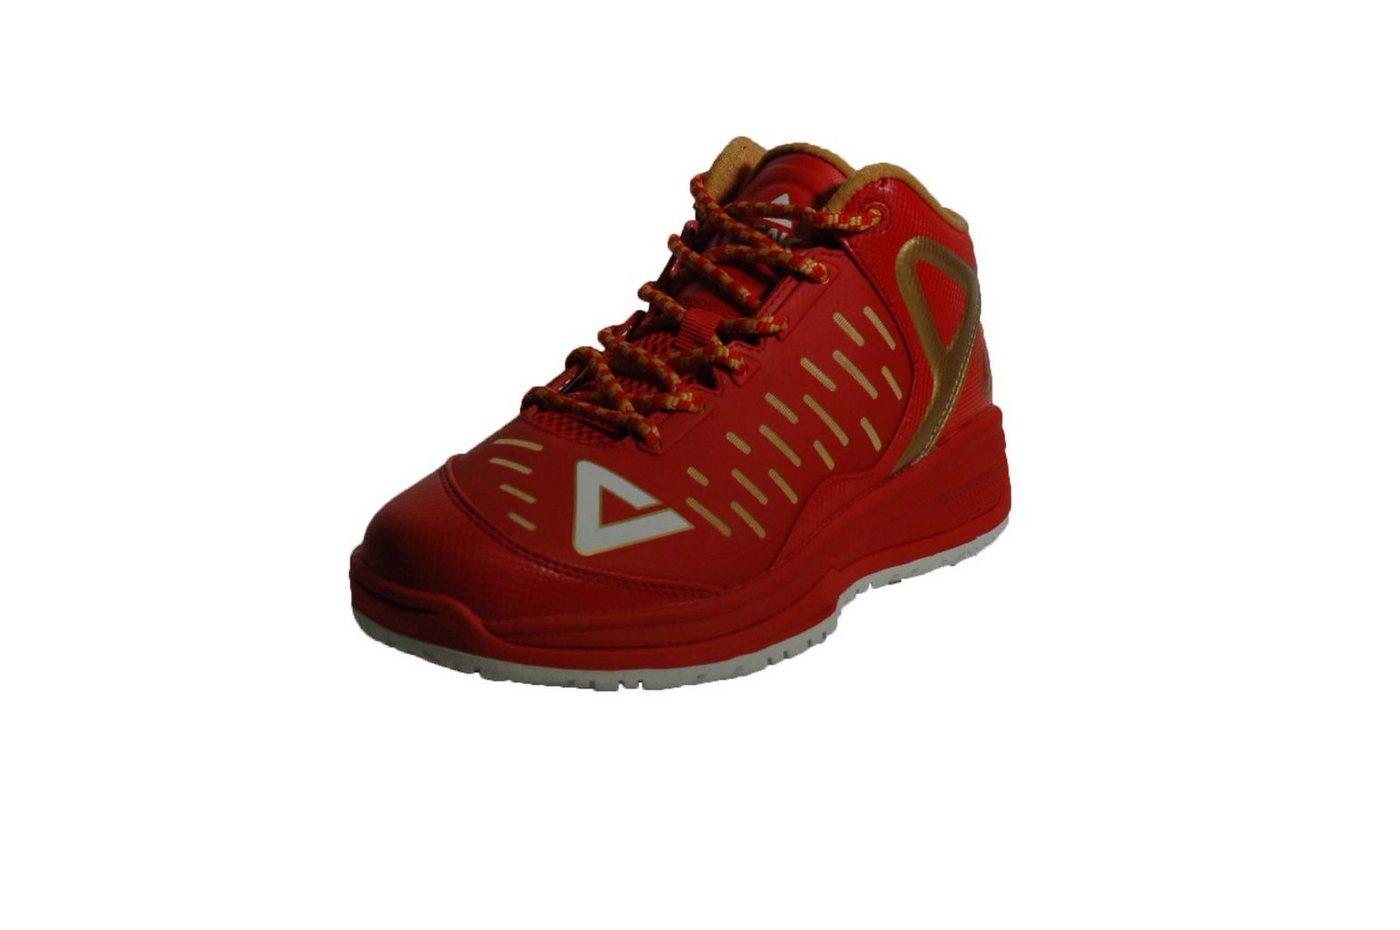 PEAK Basketballschuhe   Schuhe > Sportschuhe > Basketballschuhe   Rot   PEAK